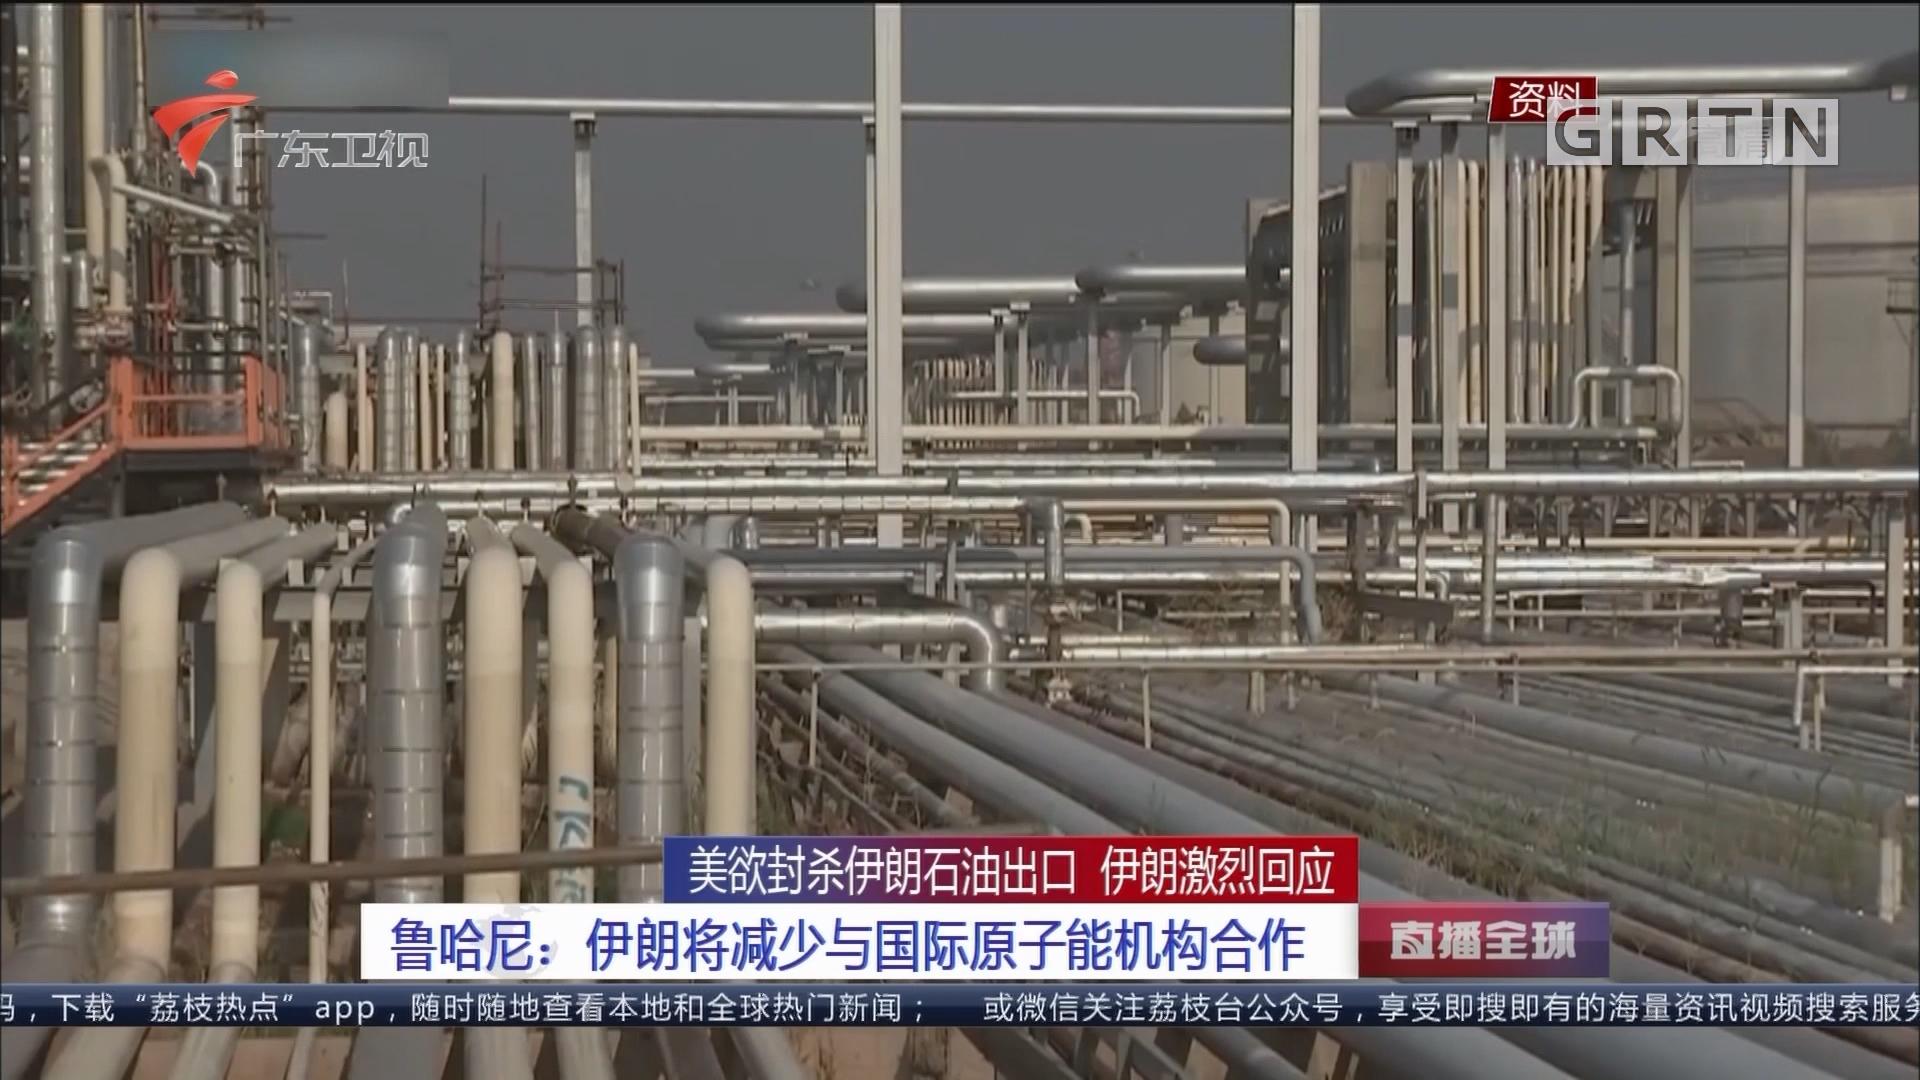 美欲封杀伊朗石油出口 伊朗激烈回应 鲁哈尼:伊朗将减少与国际原子能机构合作